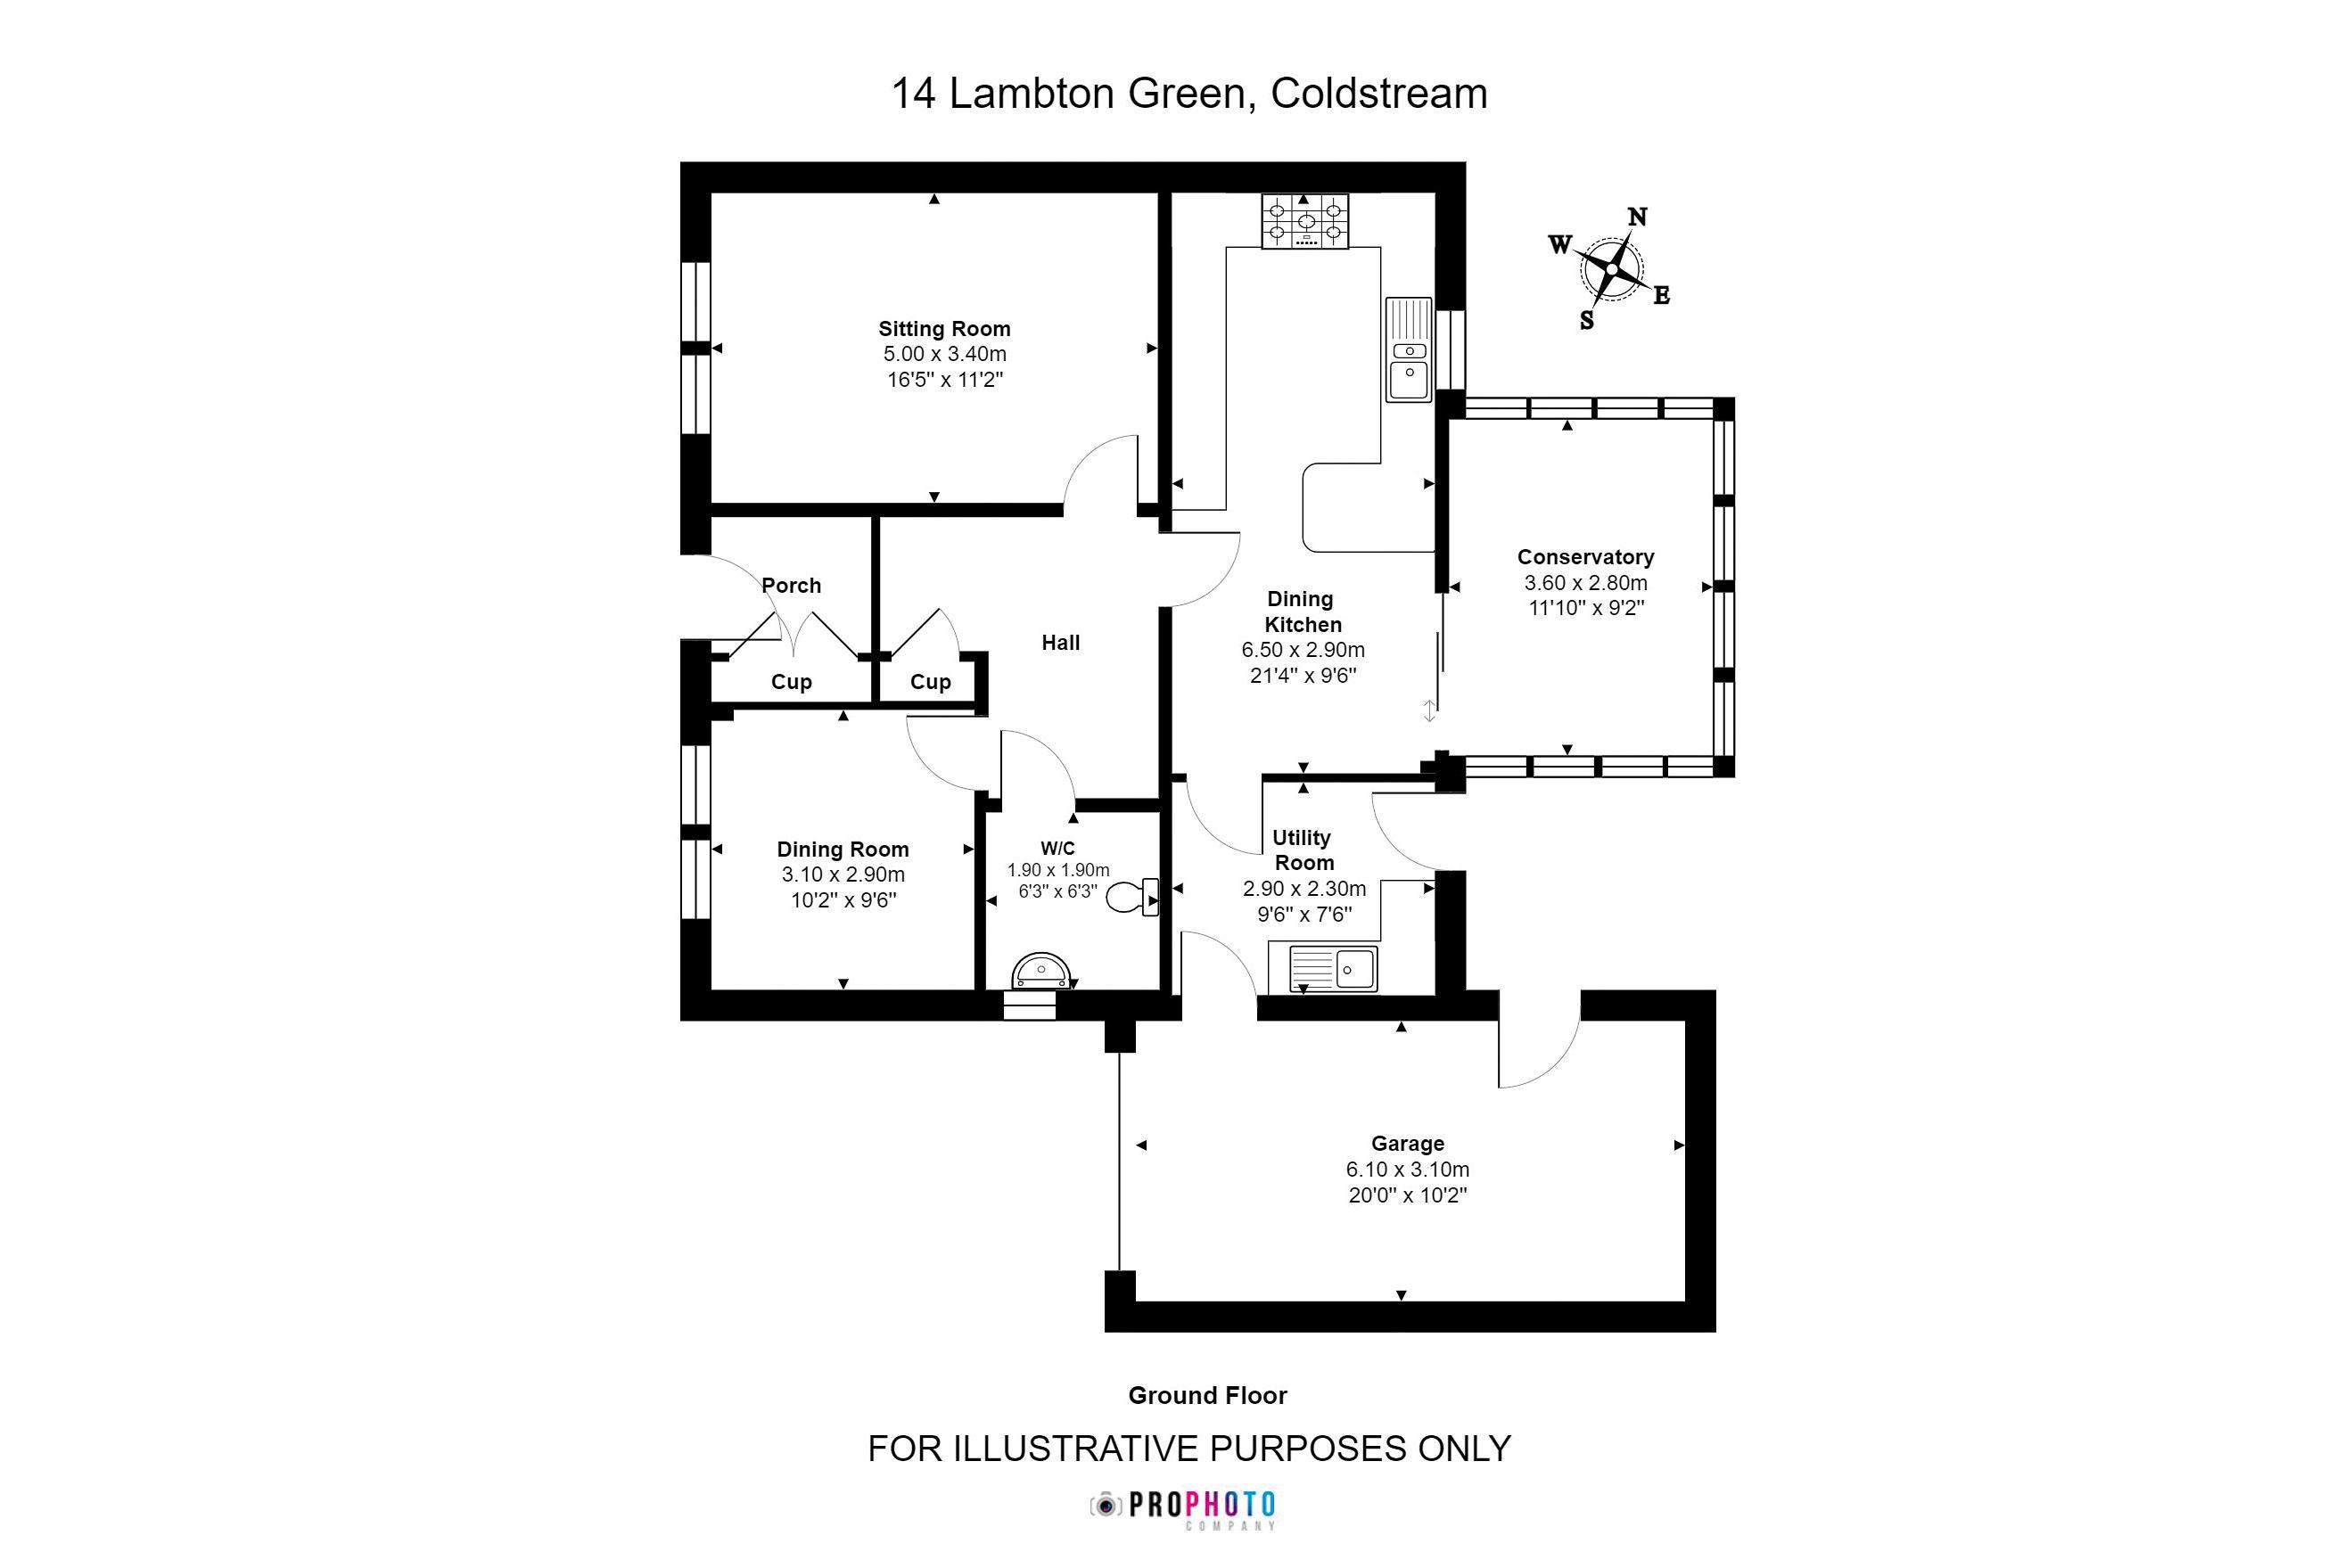 14 Lambton Green Ground Floor